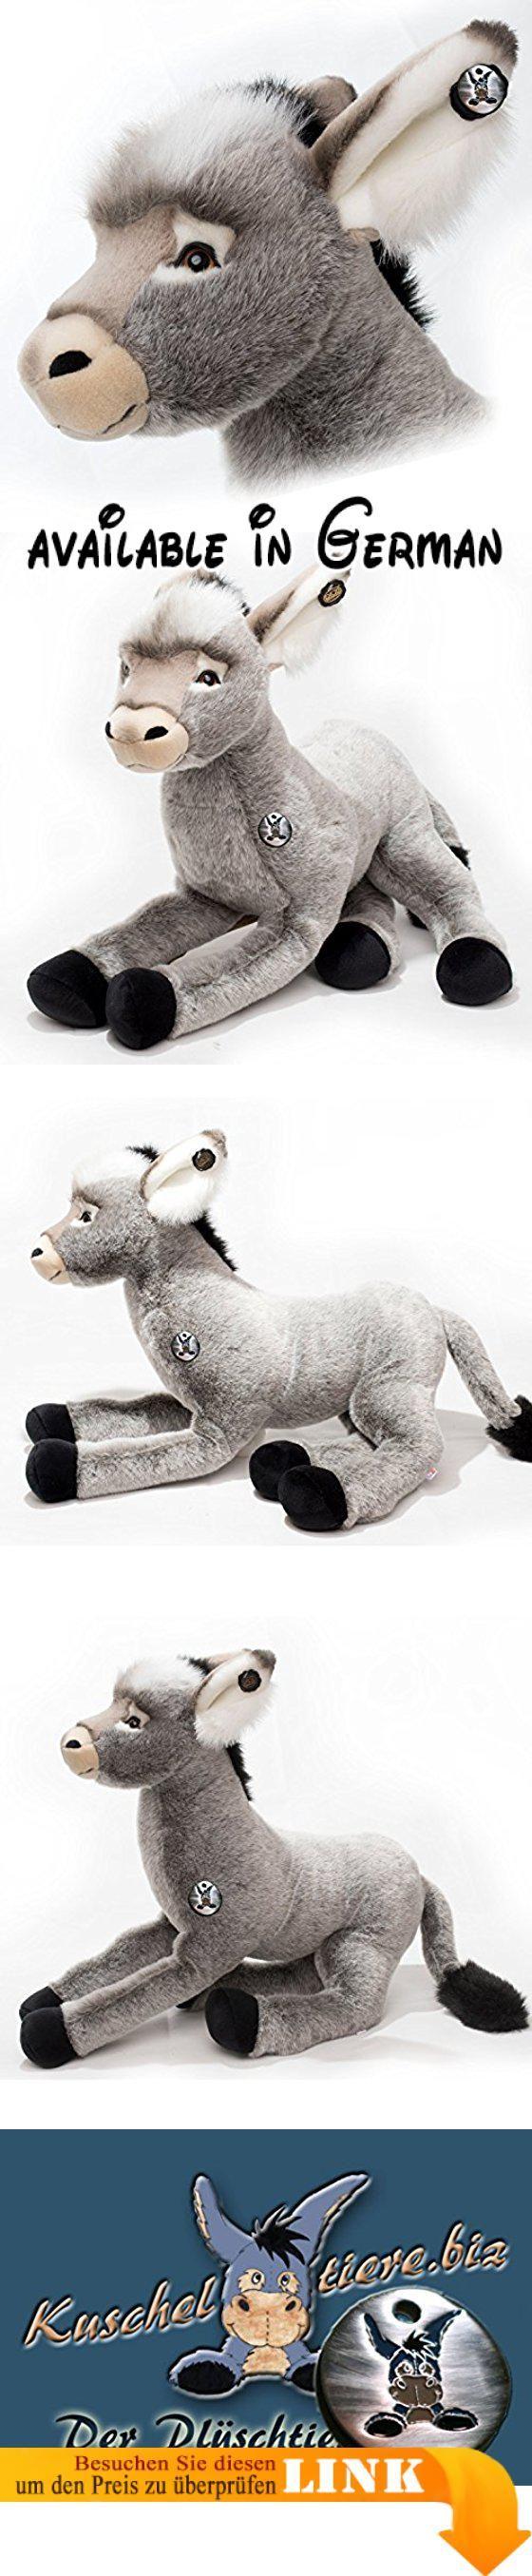 Esel PABLO Riesenesel Hausesel Schlenkertier 80 cm Plüschtier von Kuscheltiere.biz. Ausgewähltes Plüschtier der Kuscheltiere.biz Kollektion, Lieferung mit Zertifikat der Kuscheltier.biz Kollektion und silberfarbenen Esel-Igor-Metallplakette! · Qualitäts - Plüschtier aus dem Hause Plüti - Made in Germany. Der Esel ist mit zweifarbigen Glasaugen ausgestattet und als Schlenkertier mittelfest gestopft für ein aktives Spielvergnügen. Größe: ca. 80 cm. unverwechselbares,